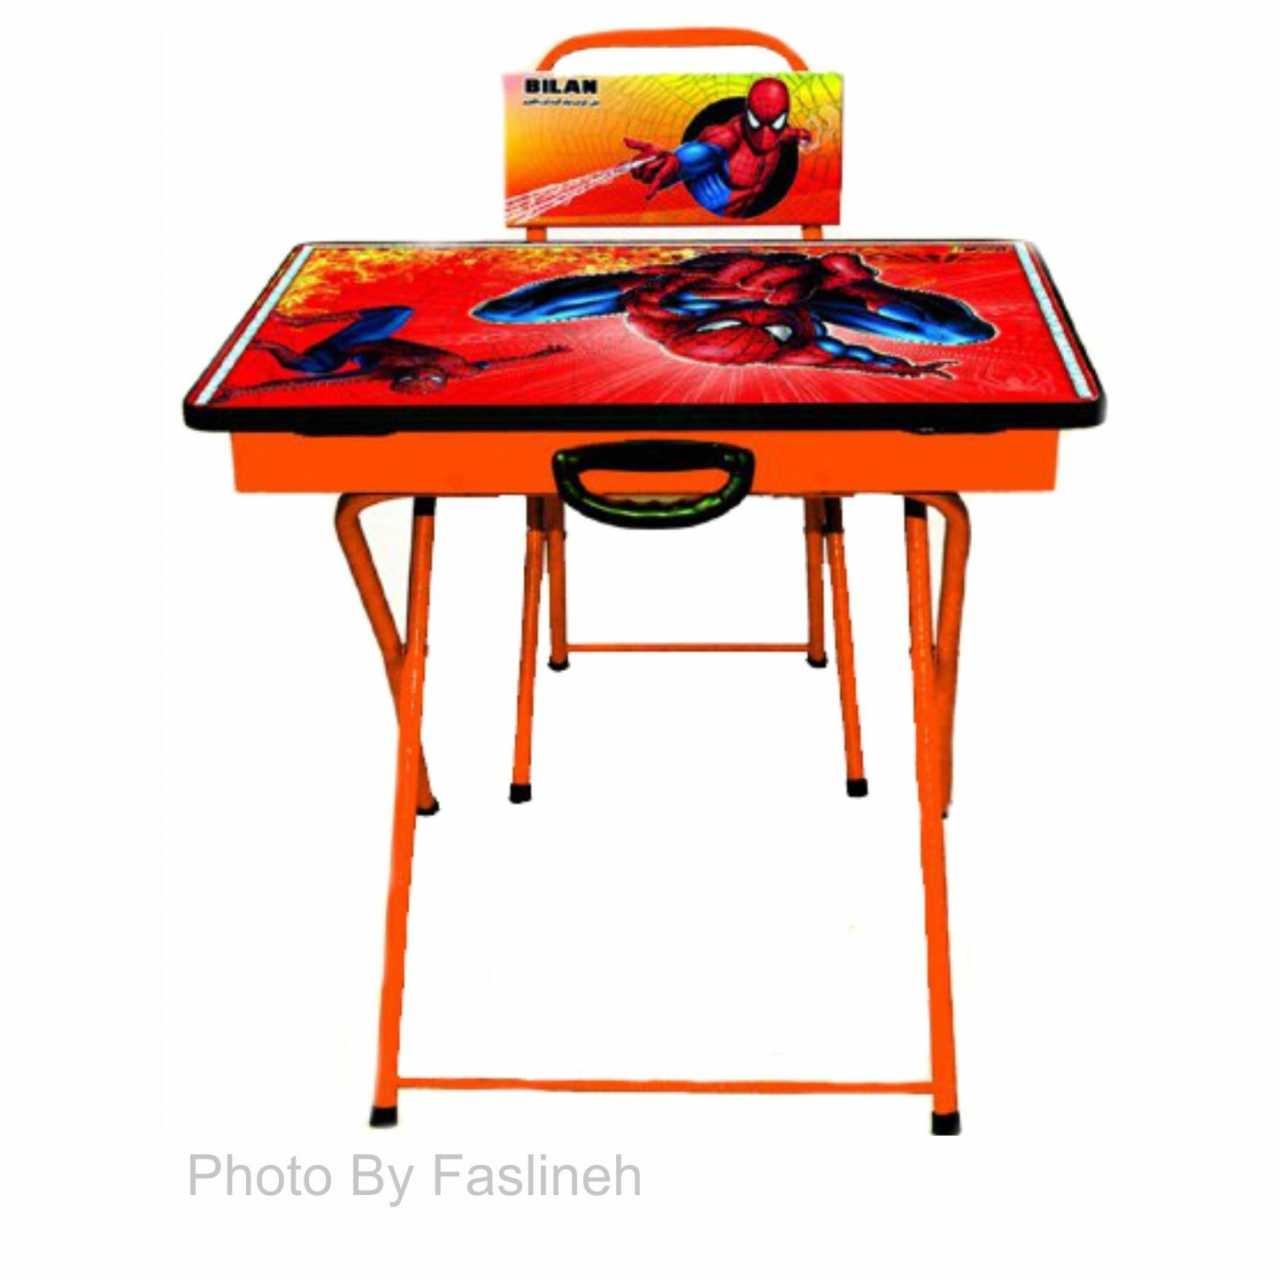 میز و صندلی تحریر تاشو بیلن مدل M2  مرد عنکبوتی